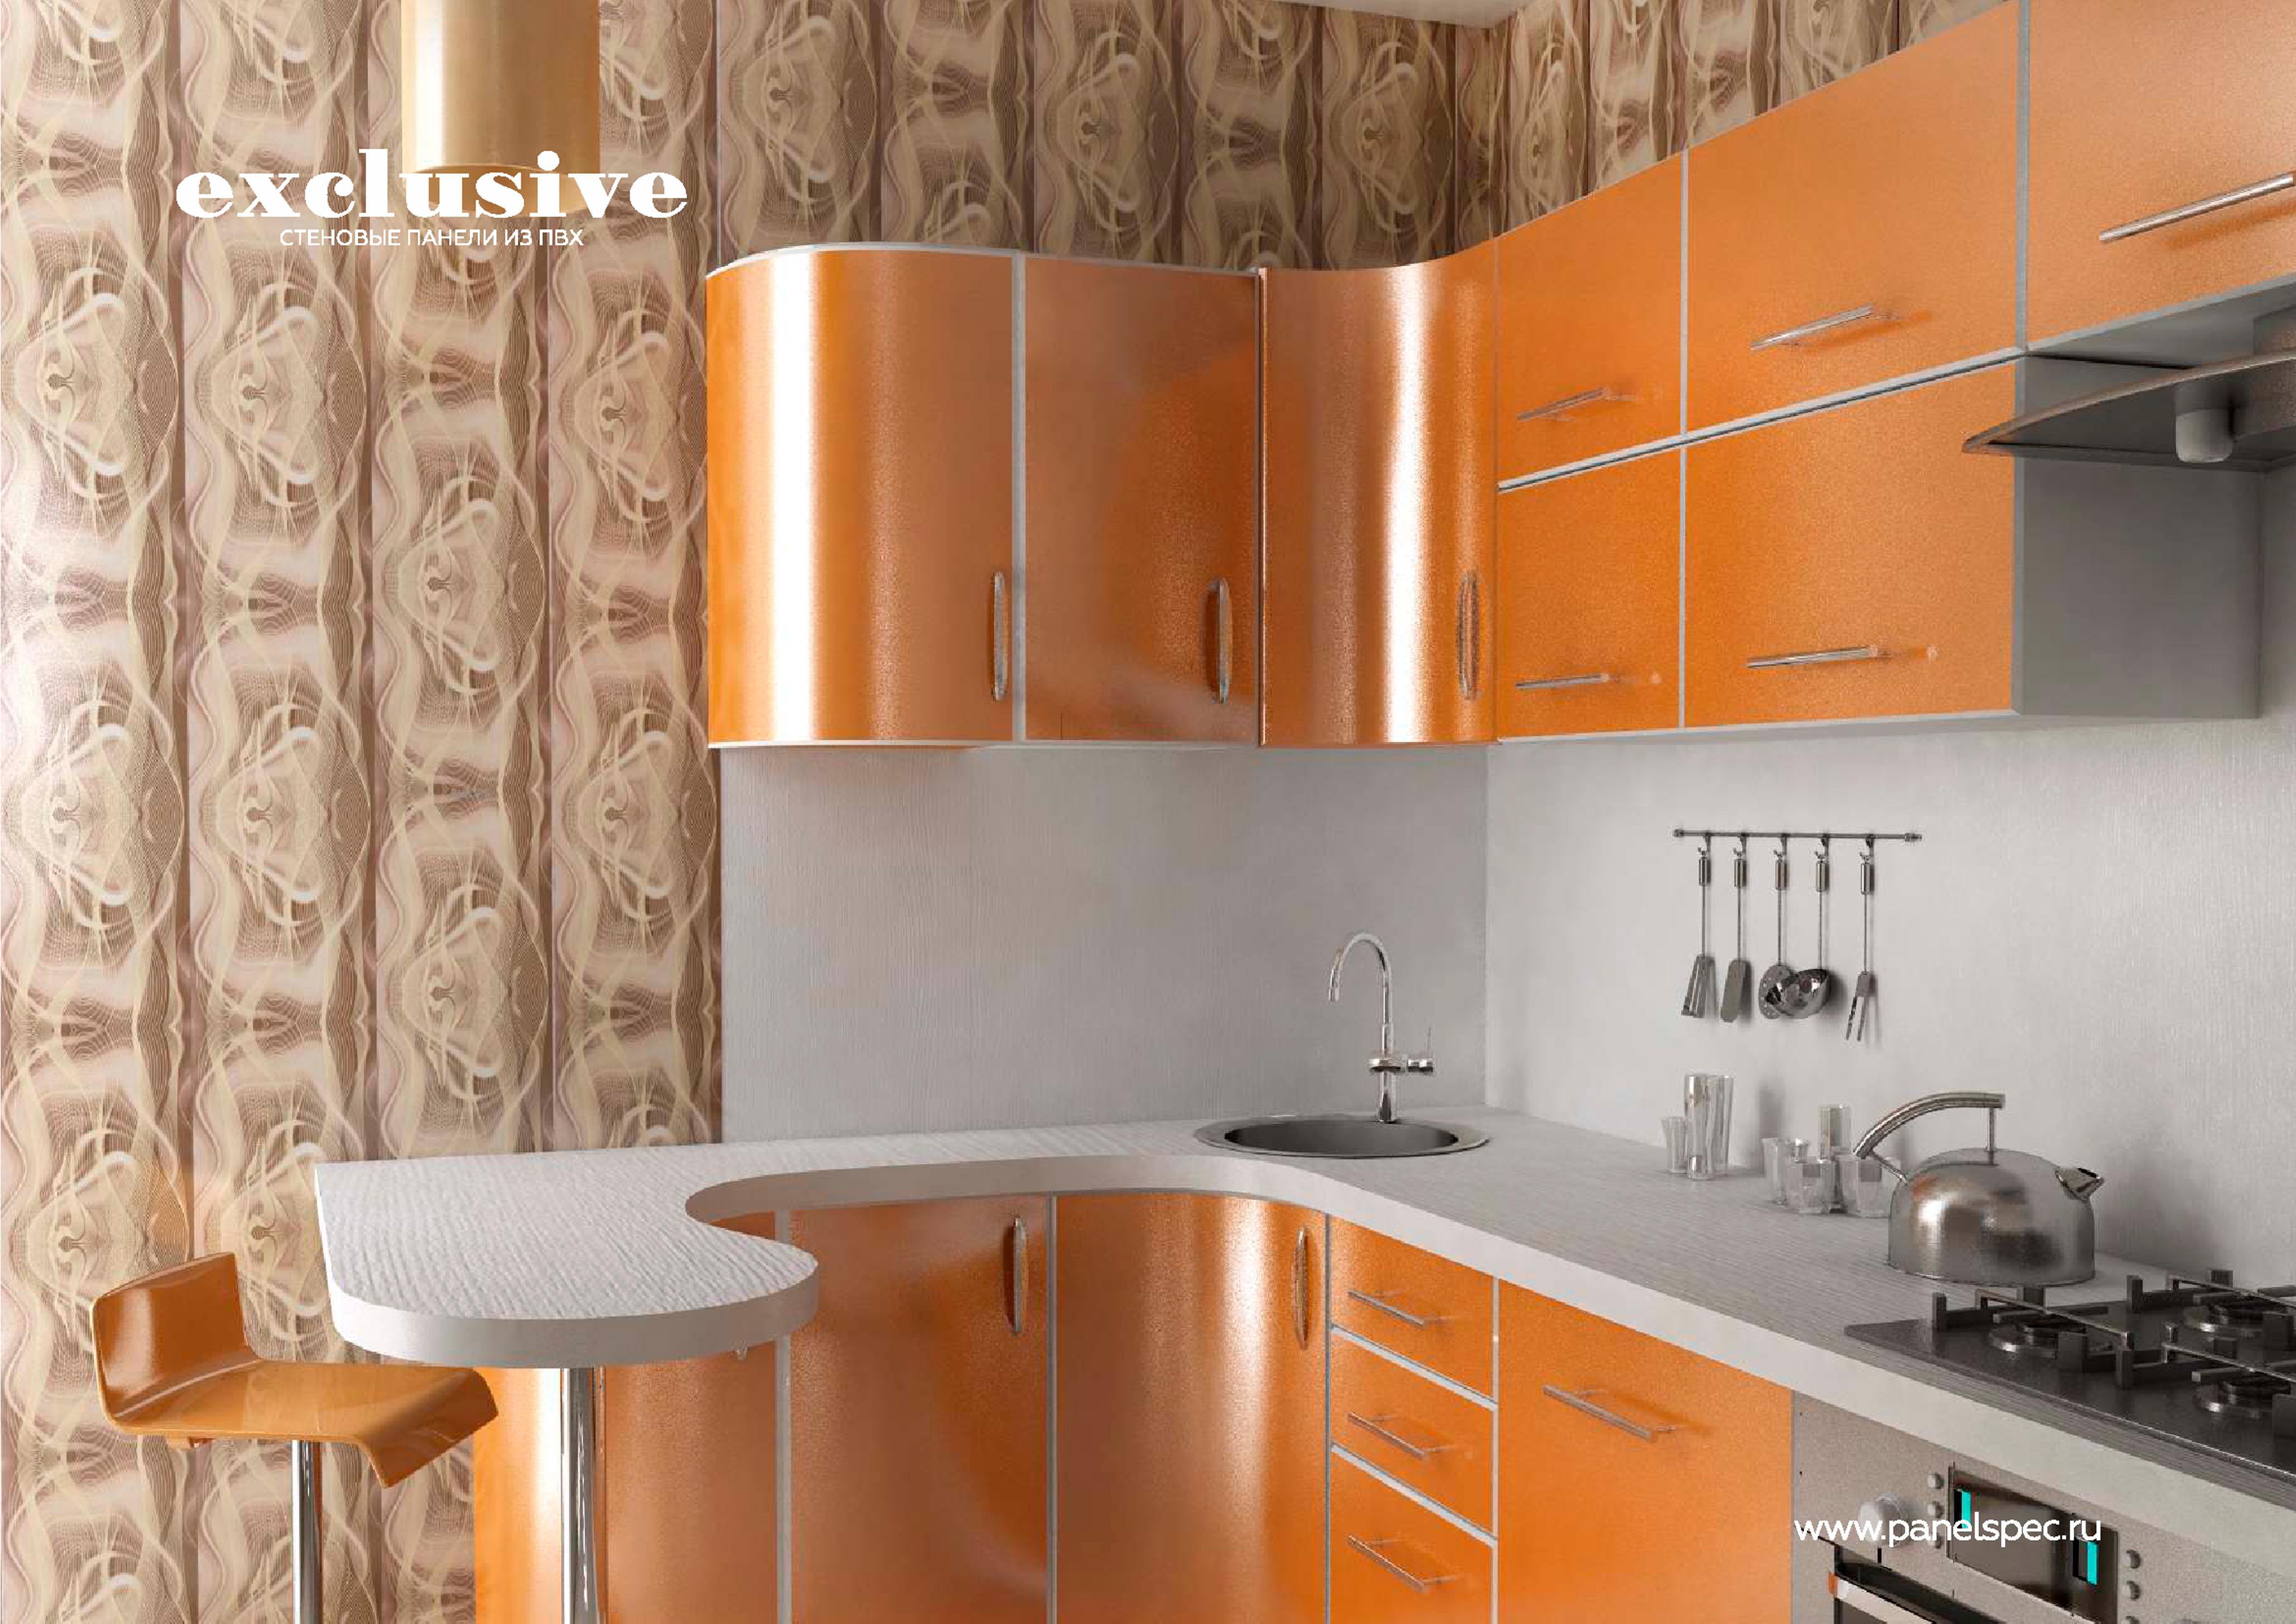 ПВХ панели для кухни | Каталог